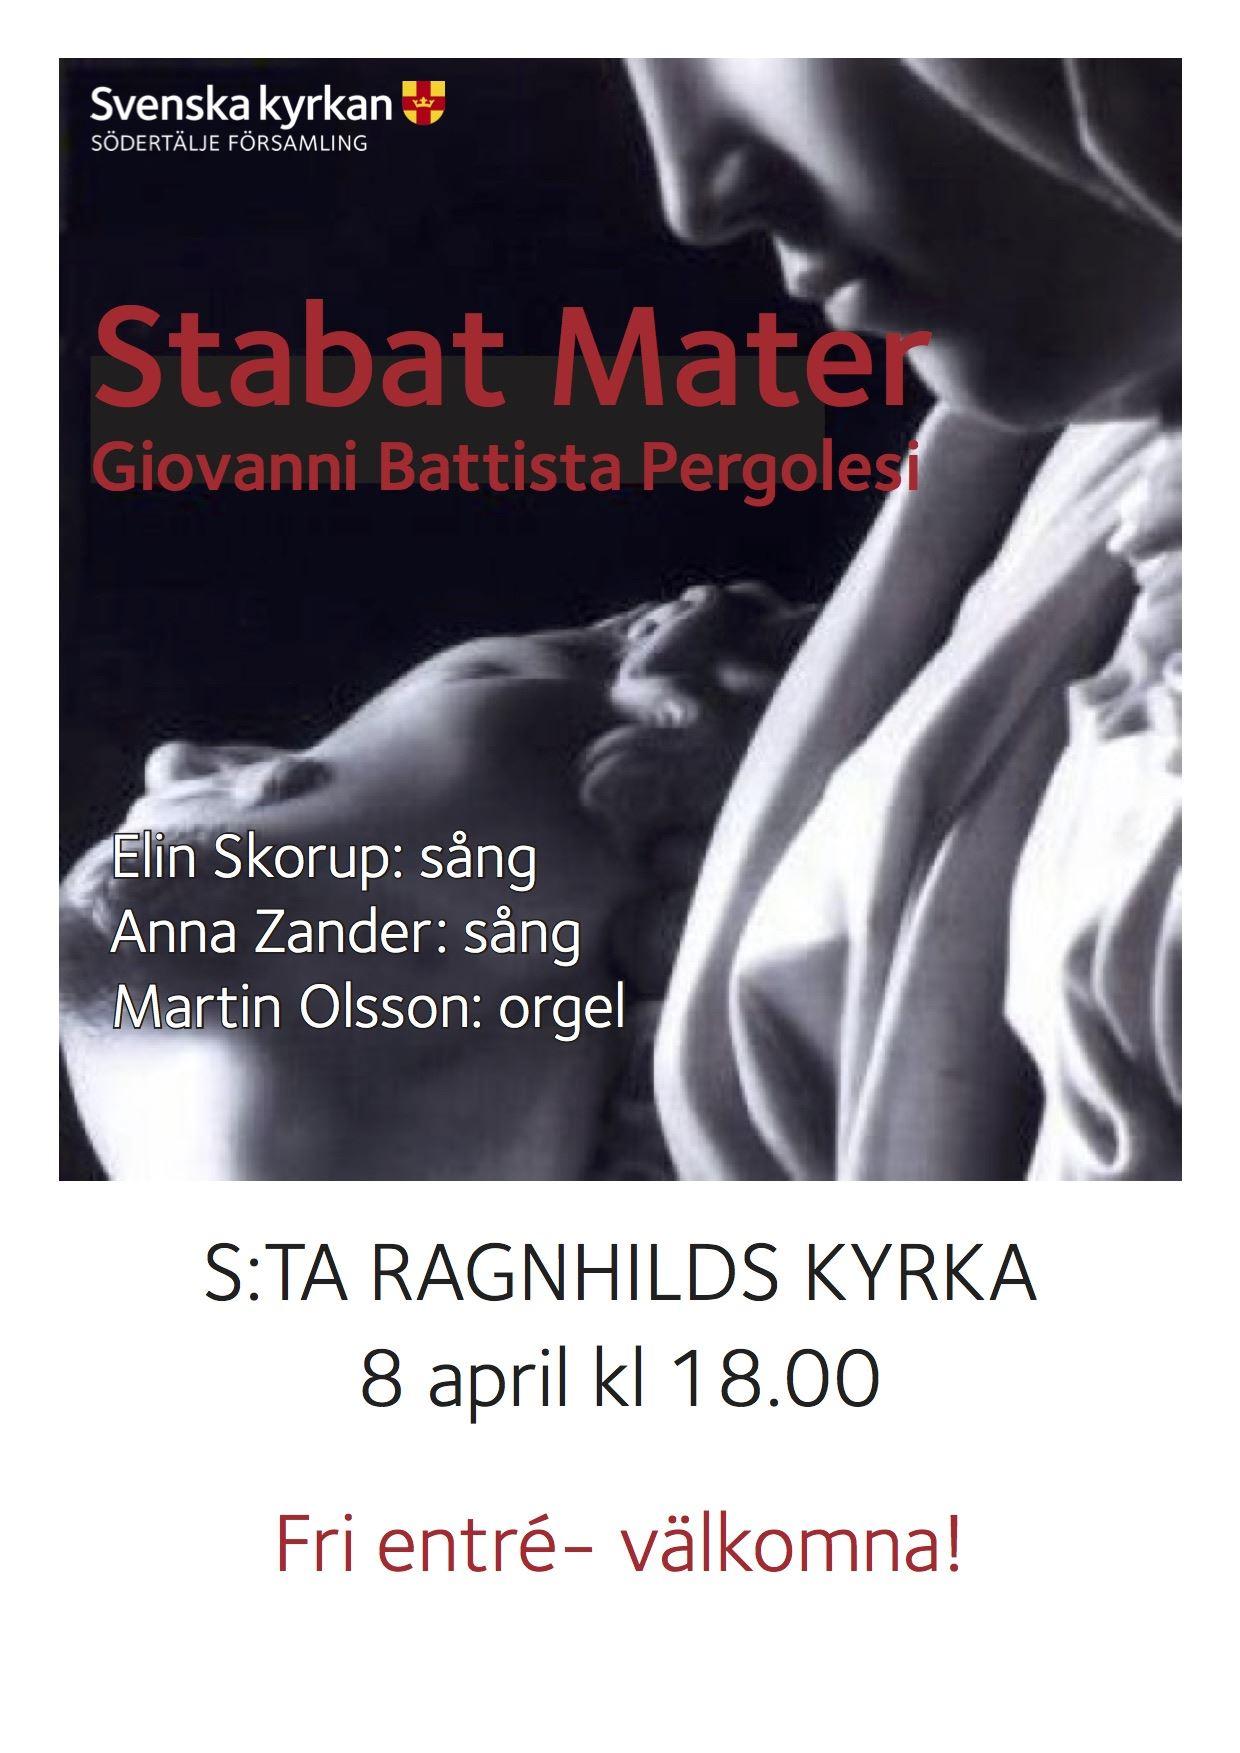 Konsert Stabat Mater